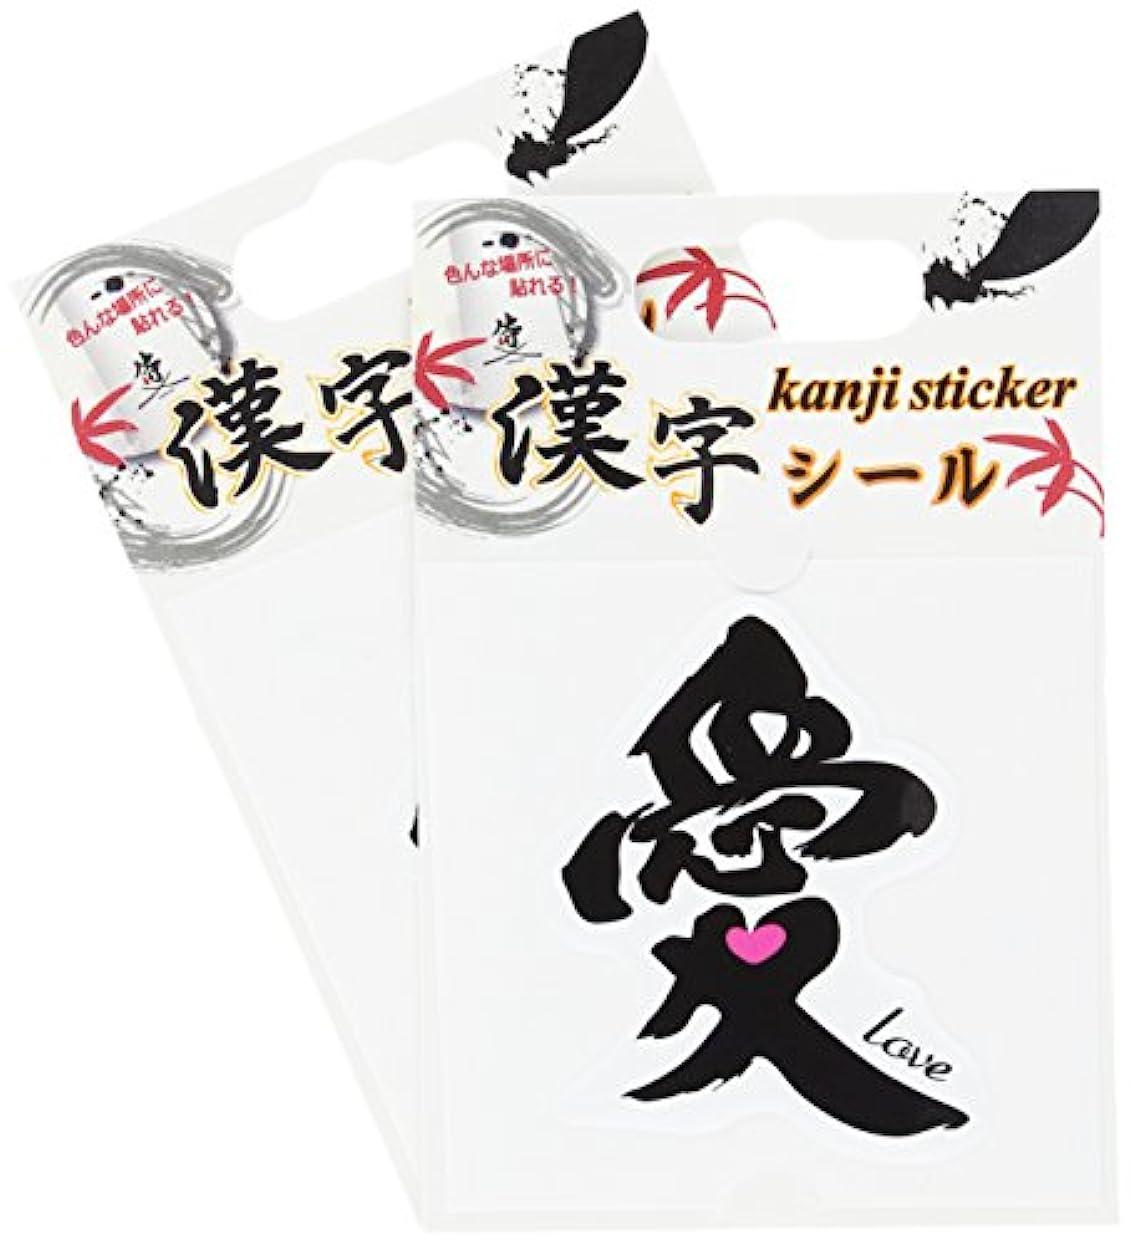 カーテングラフィック落ち込んでいる漢字シール 愛 2枚セット